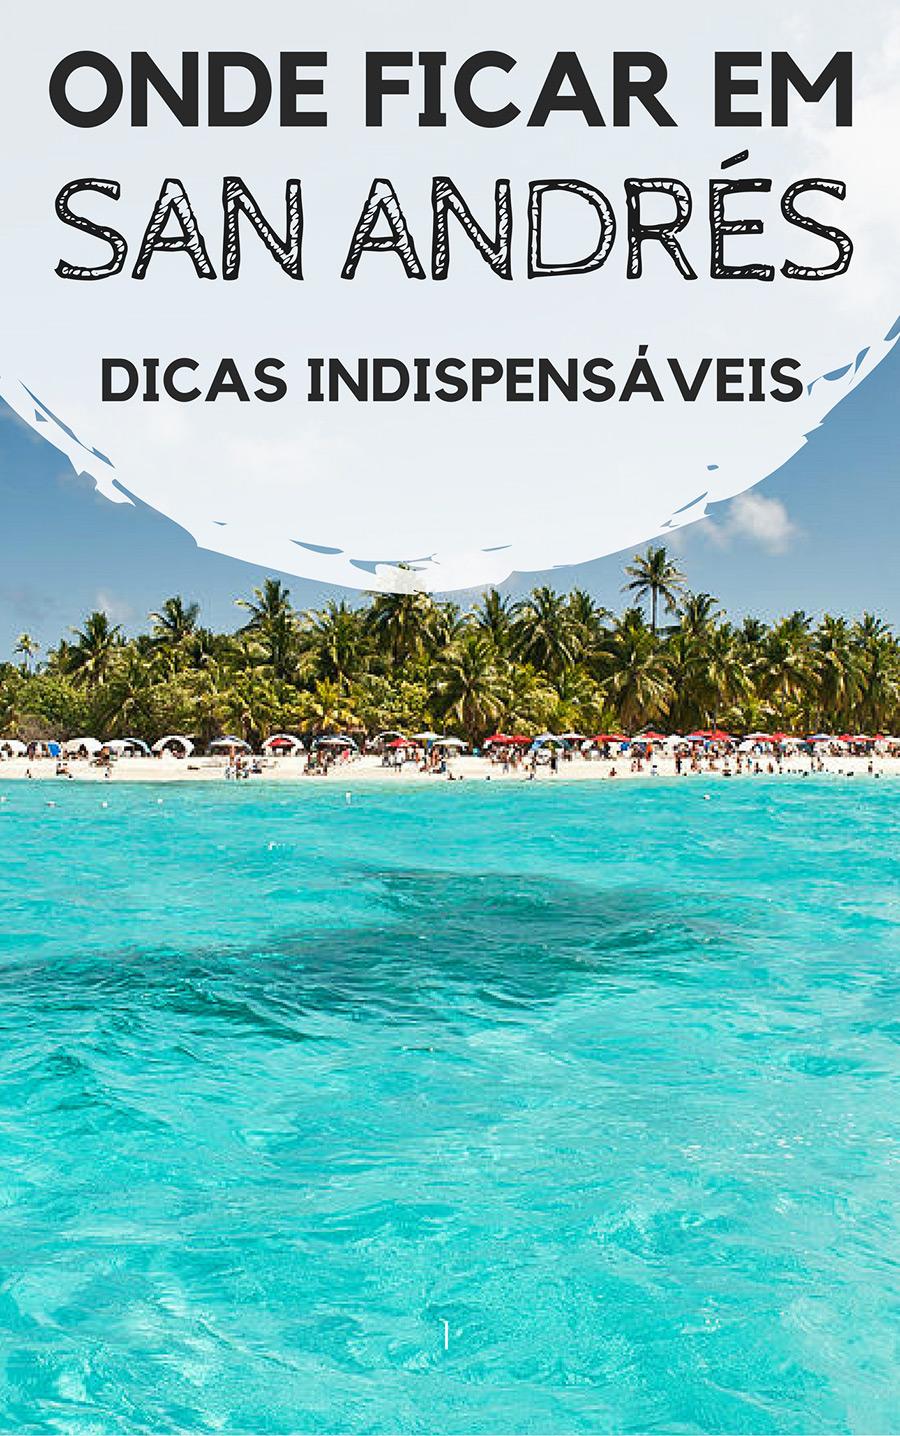 Onde ficar em San Andrés, na Colômbia: Dicas indispensáveis para a sua viagem. Descubra qual a melhor região para se hospedar, além de dicas de hostels, hotéis e resorts que valem a pena na ilha mais famosa do caribe colombiano.